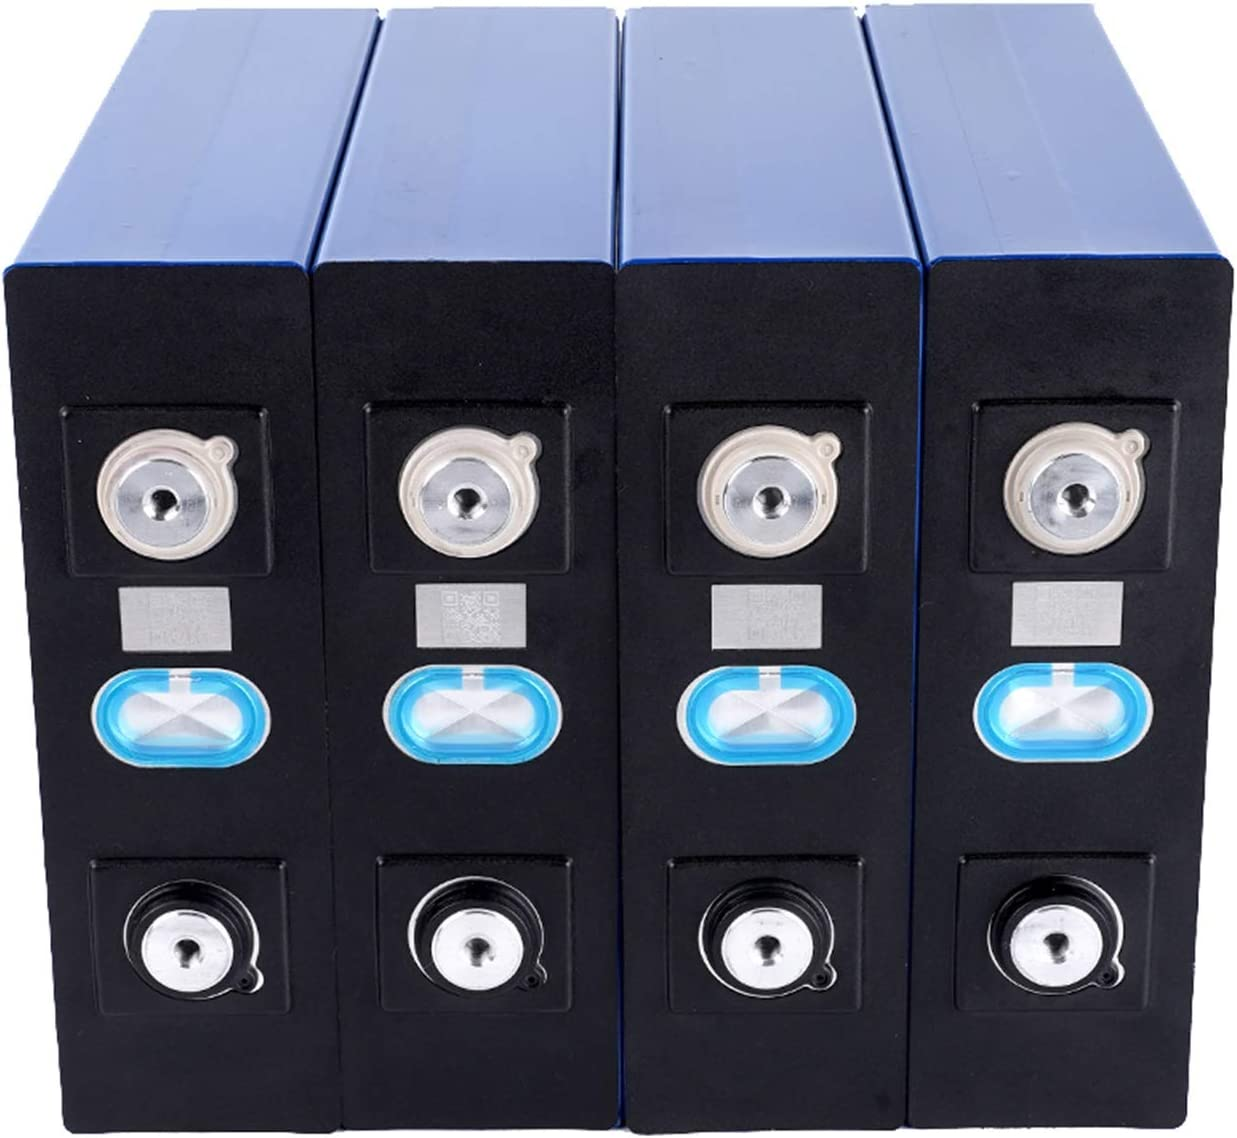 OANCO 4PCS 3.2V 200Ah Lifepo4 Paquete De Batería 12V 200AH 24V 200AH Nueva Celda Batería Solar De Fosfato De Hierro Y Litio